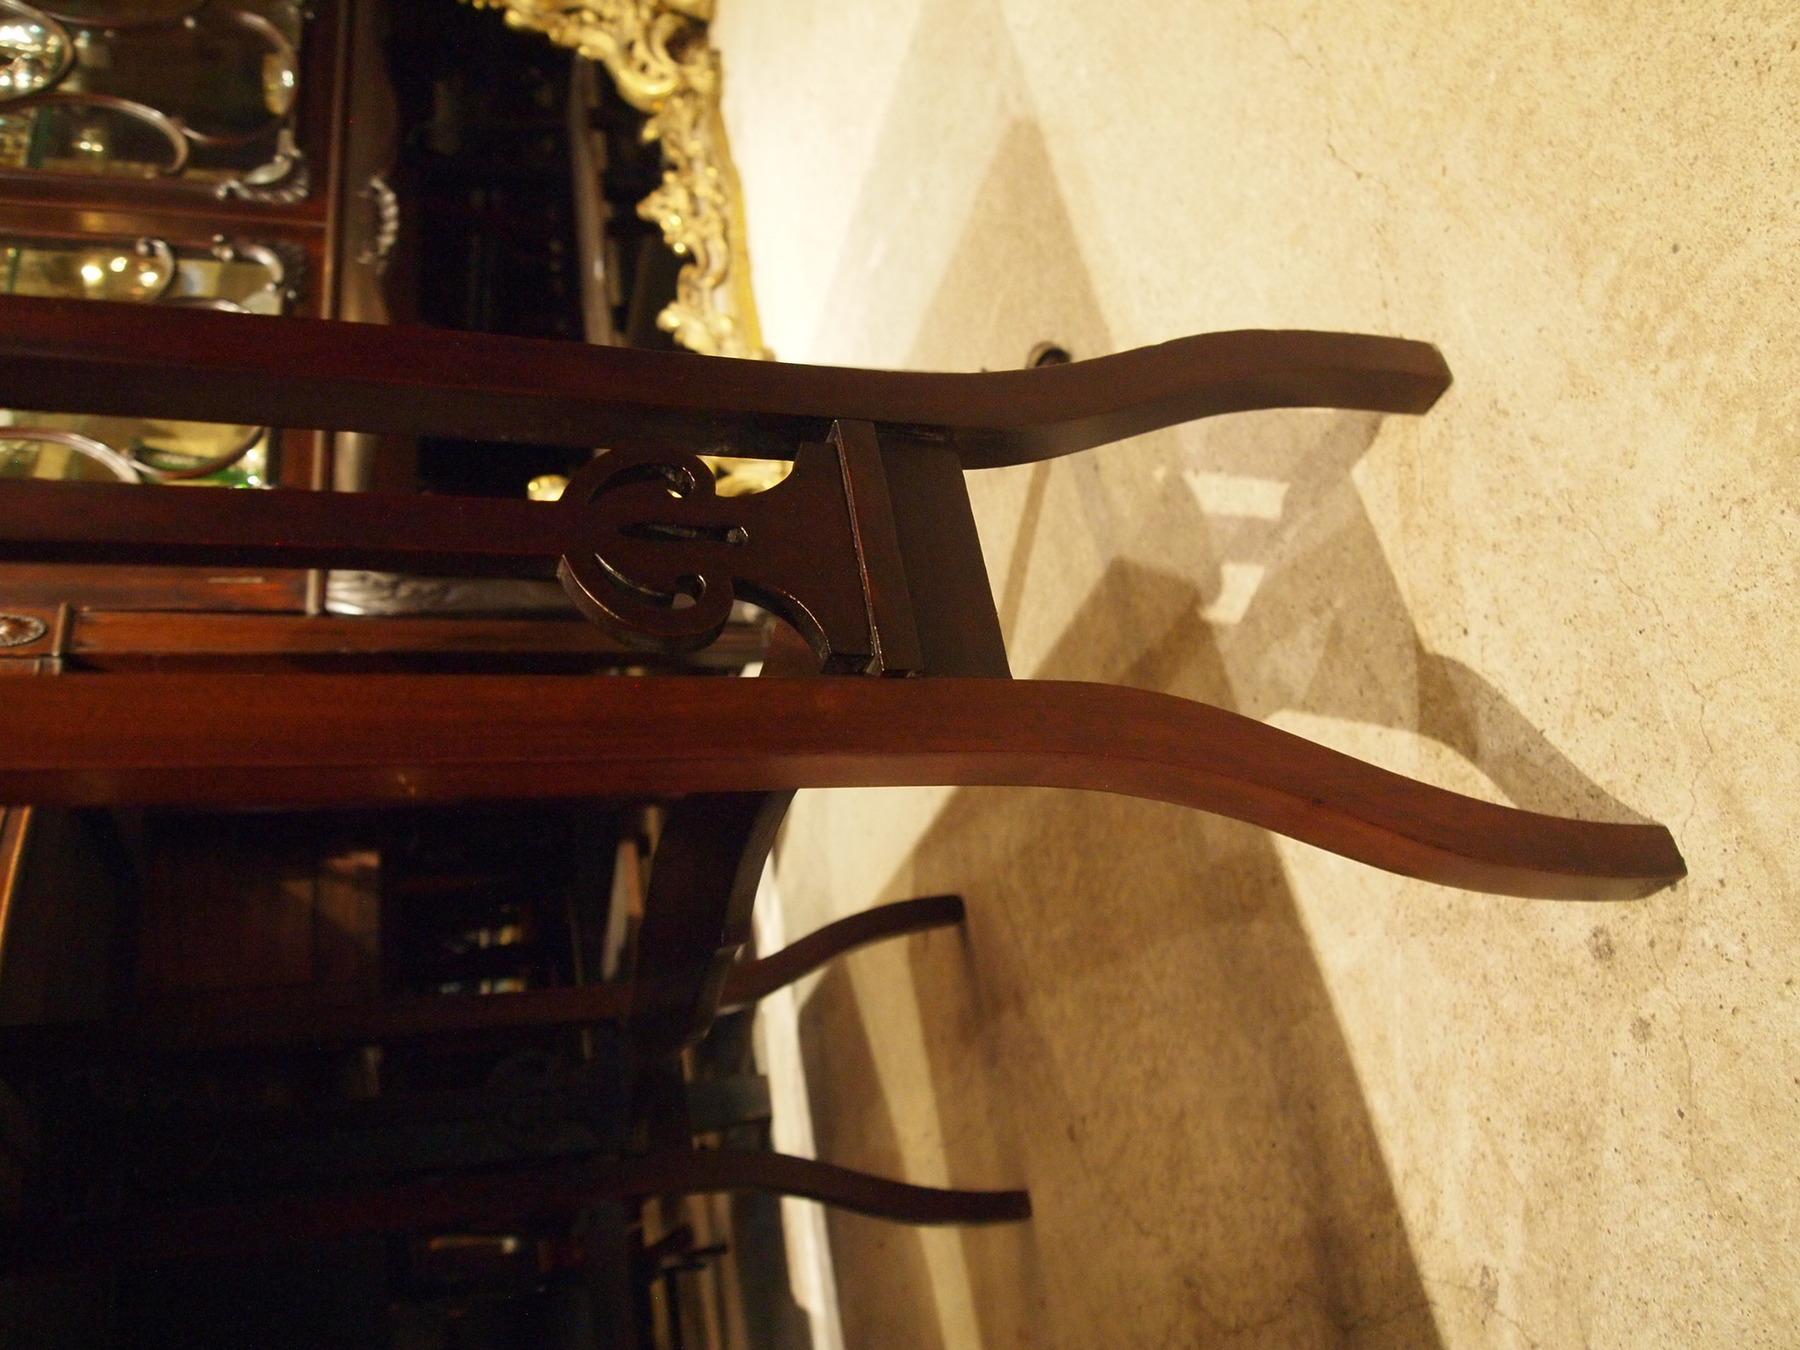 table201016a_12.JPG